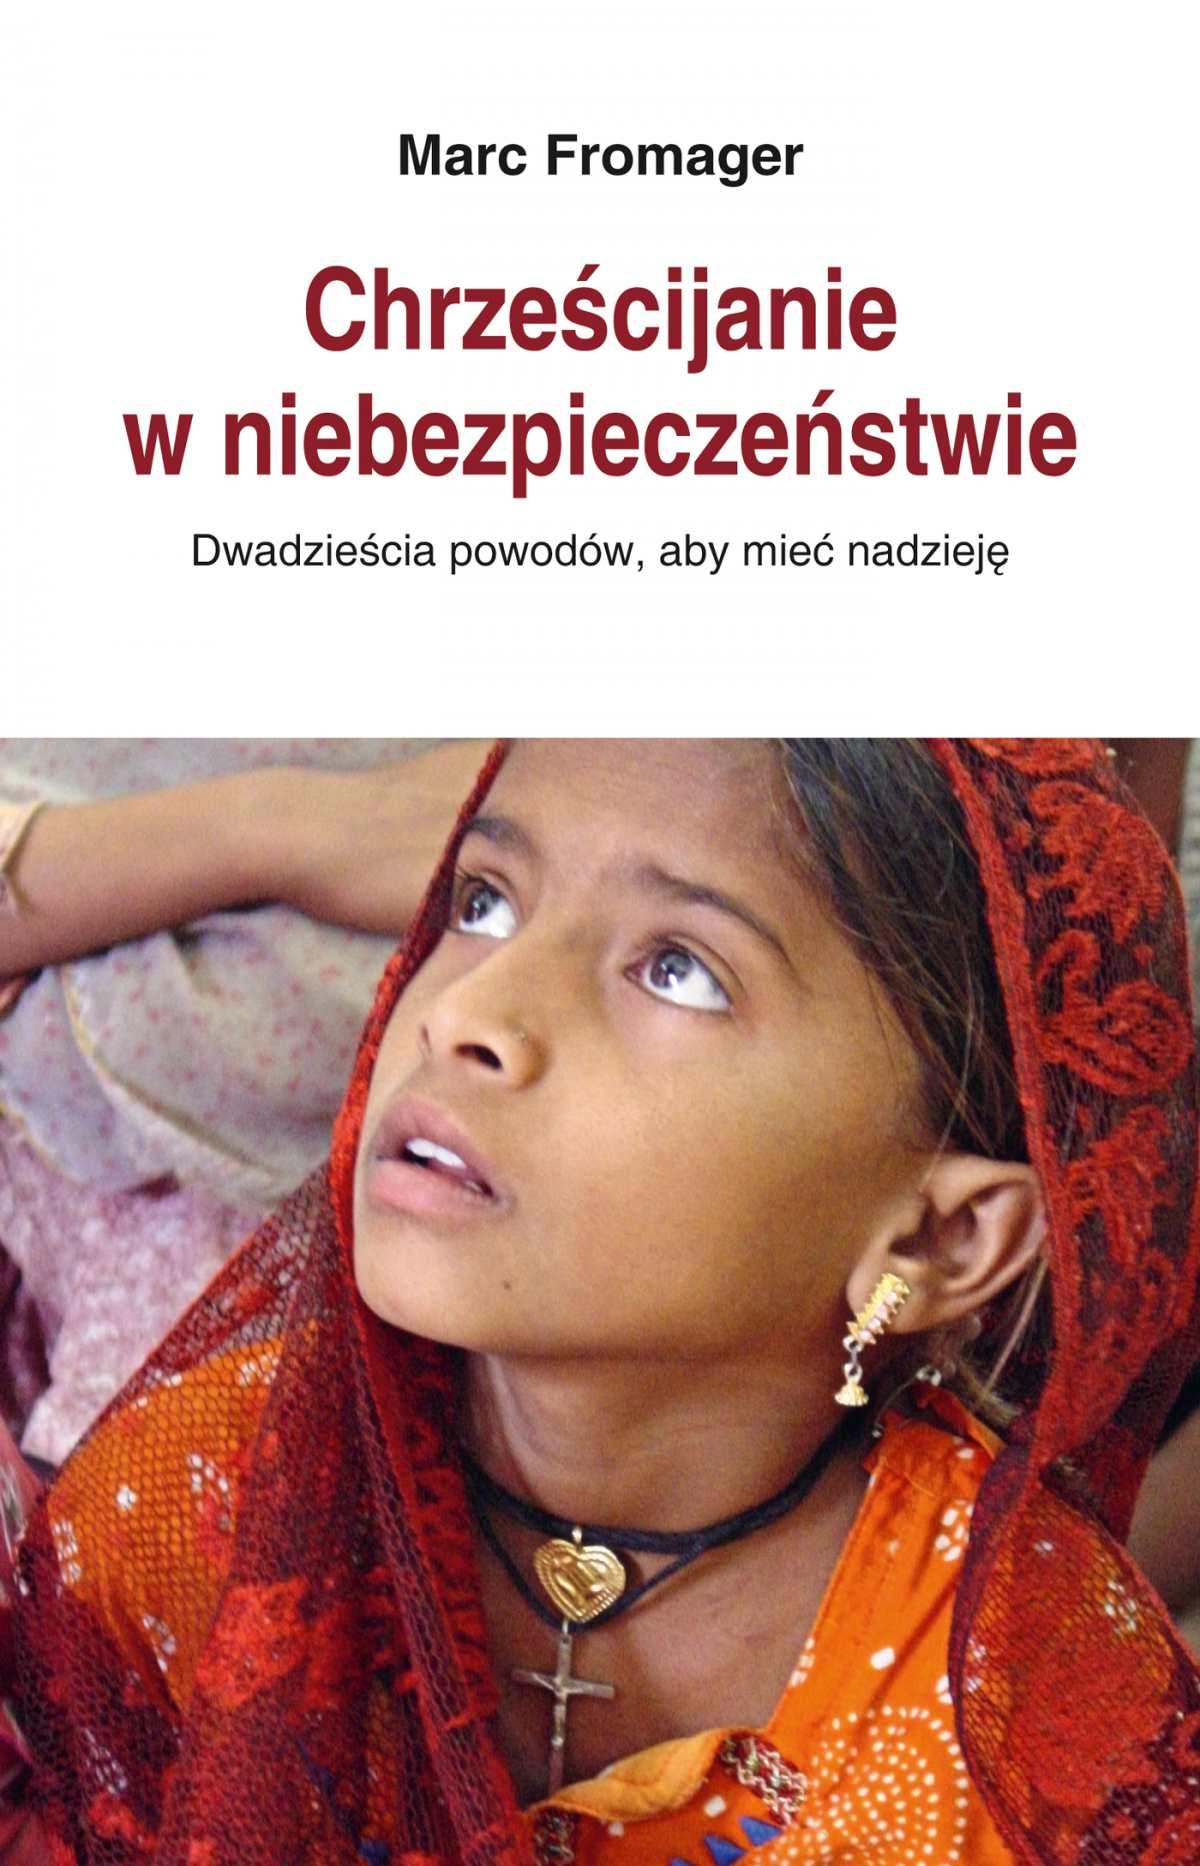 Chrześcijanie w niebezpieczeństwie. Dwadzieścia powodów, aby mieć nadzieję - Ebook (Książka na Kindle) do pobrania w formacie MOBI